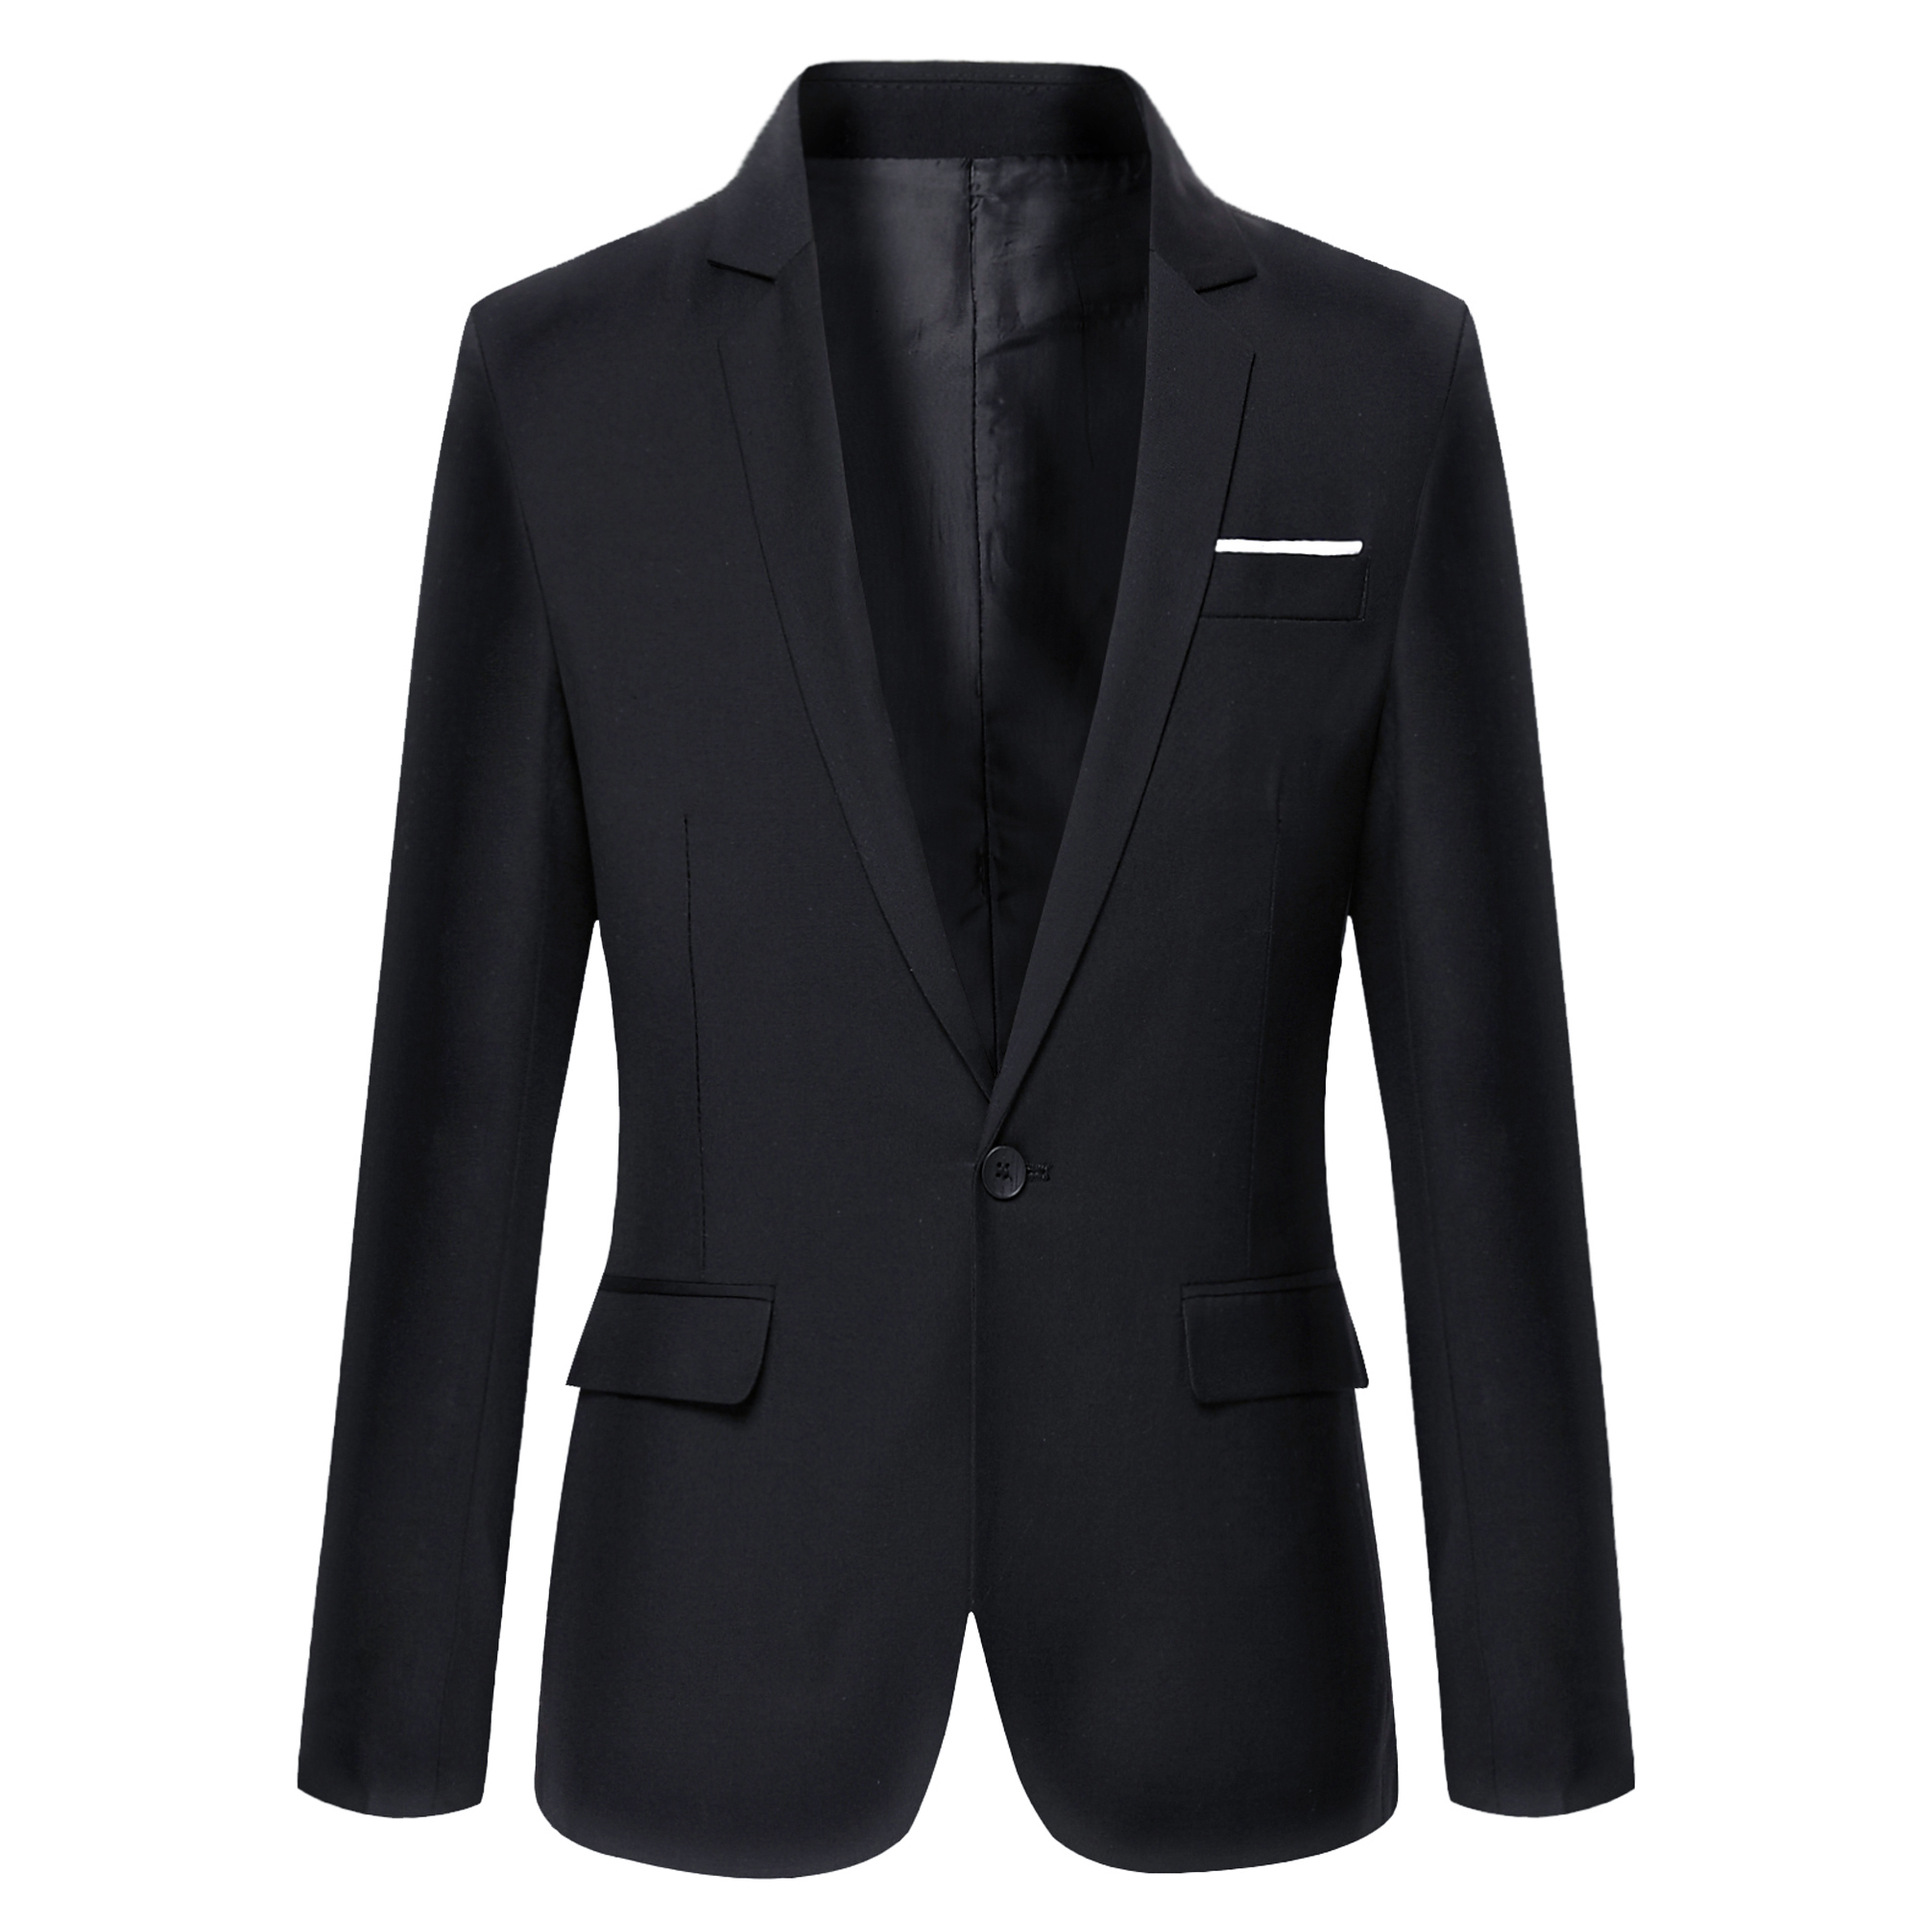 2017 Clothing Autumn Suit Blazer Men Fashion Slim Fit Male Suits Casual Solid Color Masculine Blazer Size M-4Xl